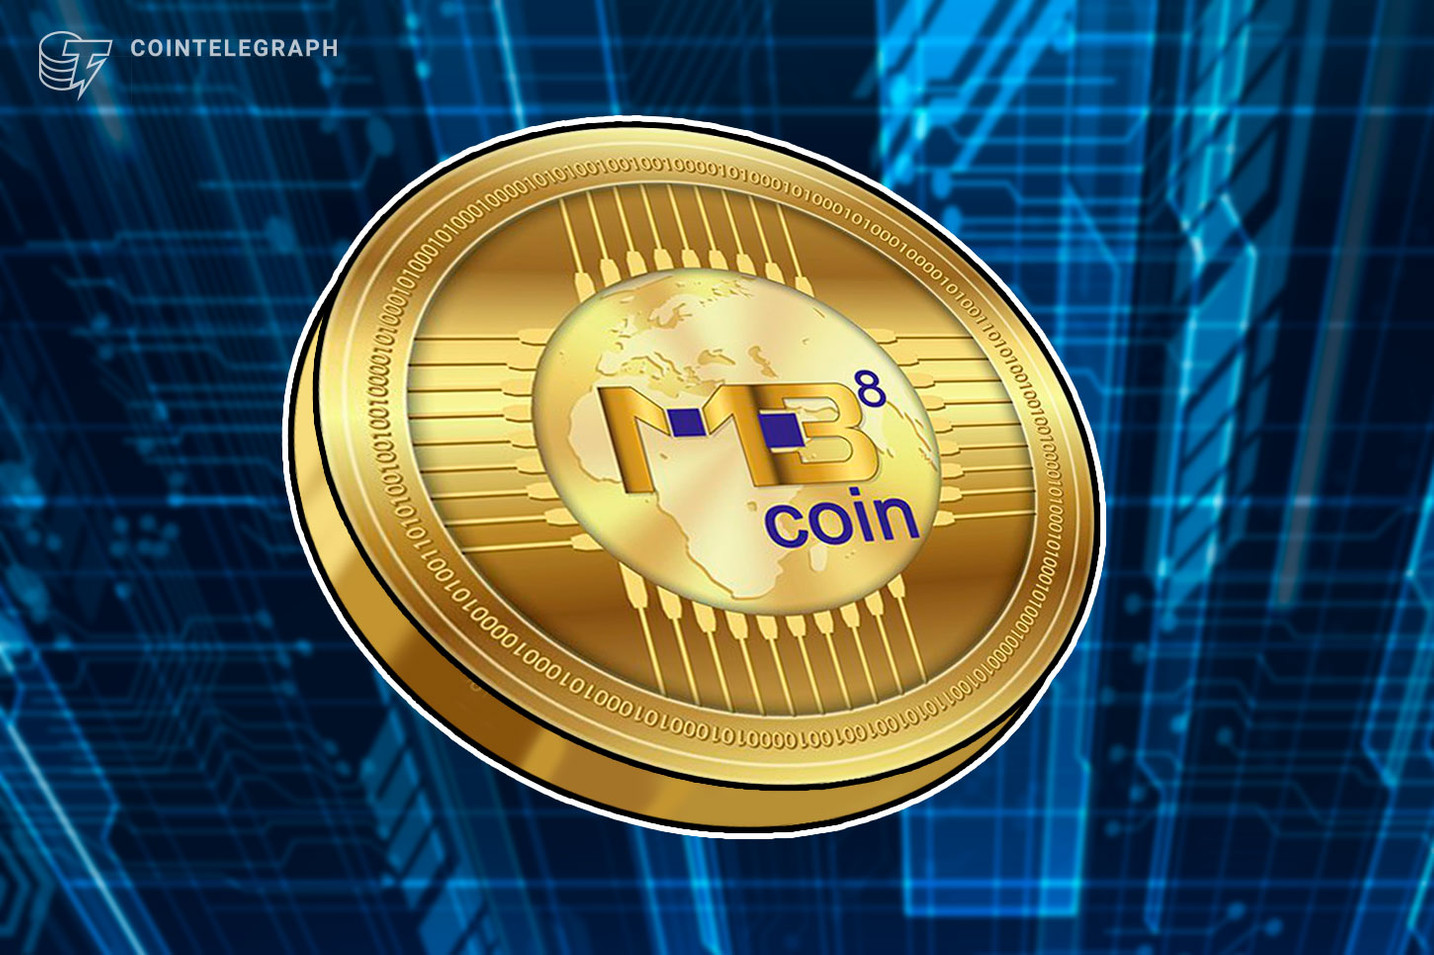 La ICO de MB8 Coin ha recibido atención mundial a lo largo de 2018, ¡es la novedad de 2019!